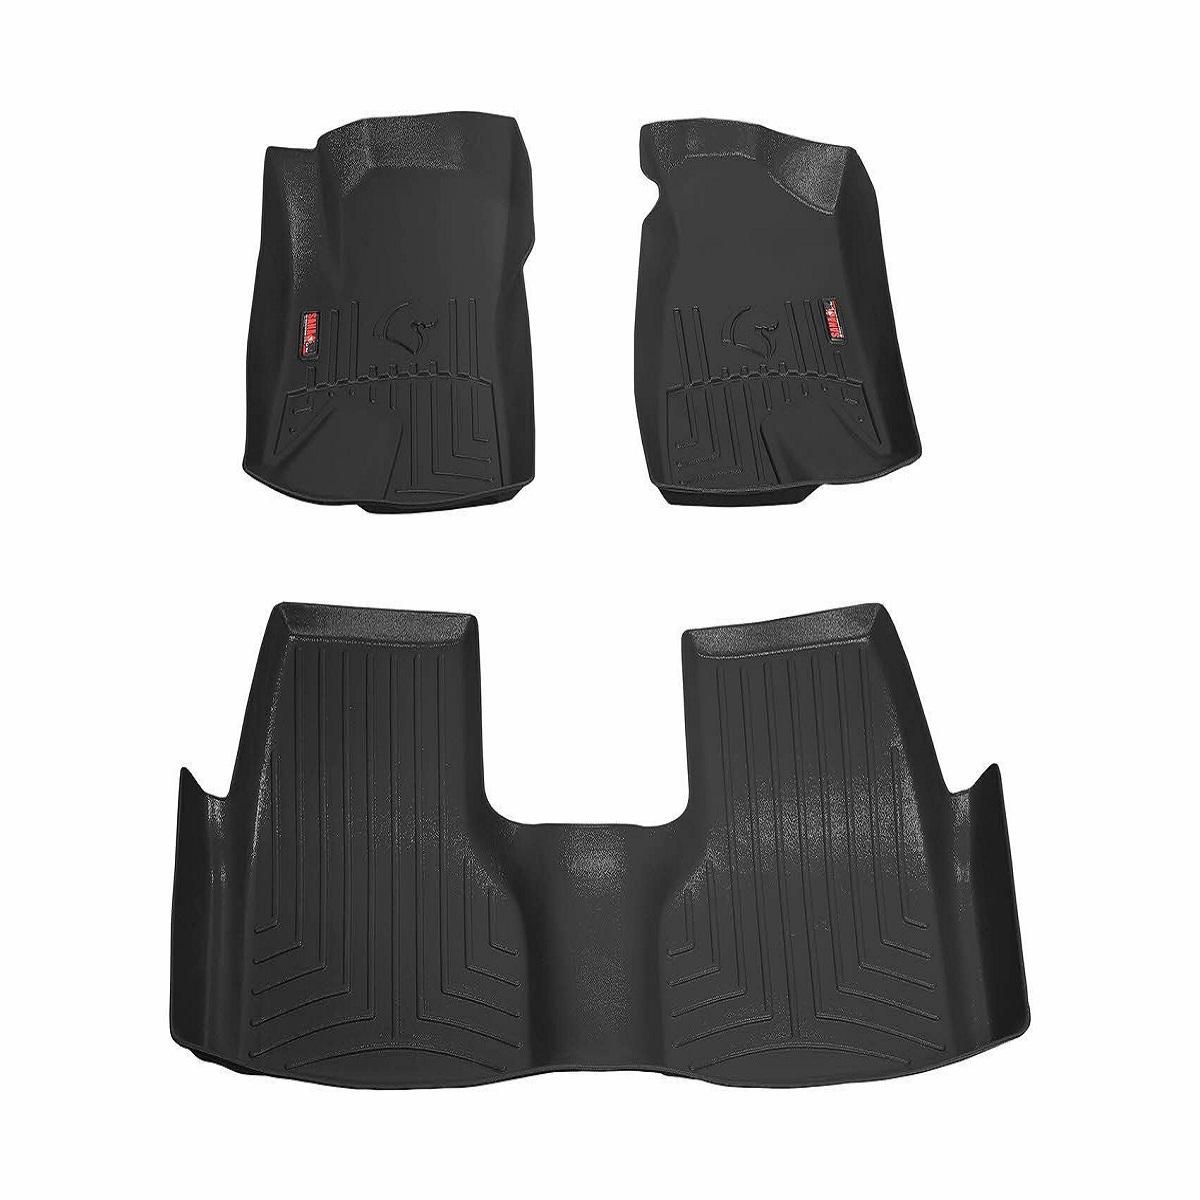 کفپوش سه بعدی خودرو سانا مدل 3 تکه مناسب برای دنا